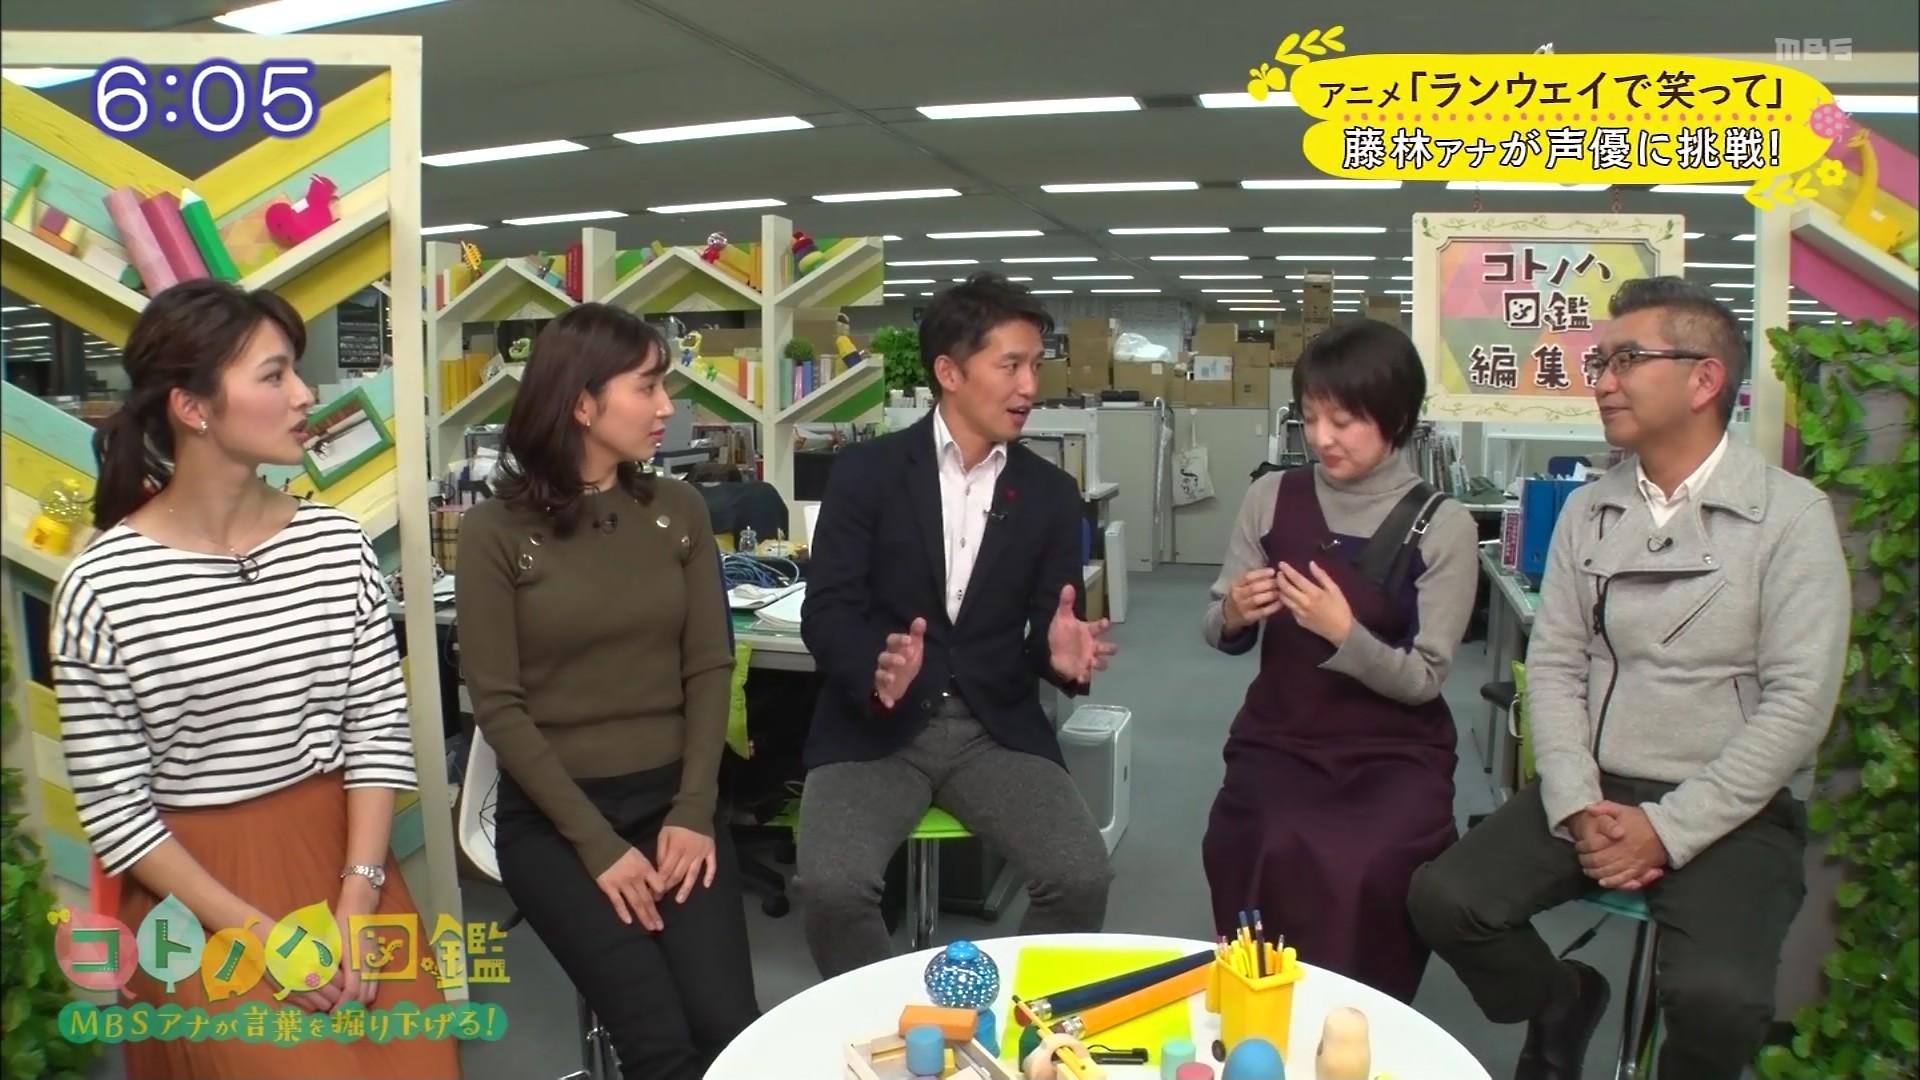 2019年12月15日に放送された「コトノハ図鑑」に出演した野嶋紗己子さんのテレビキャプチャー画像-017